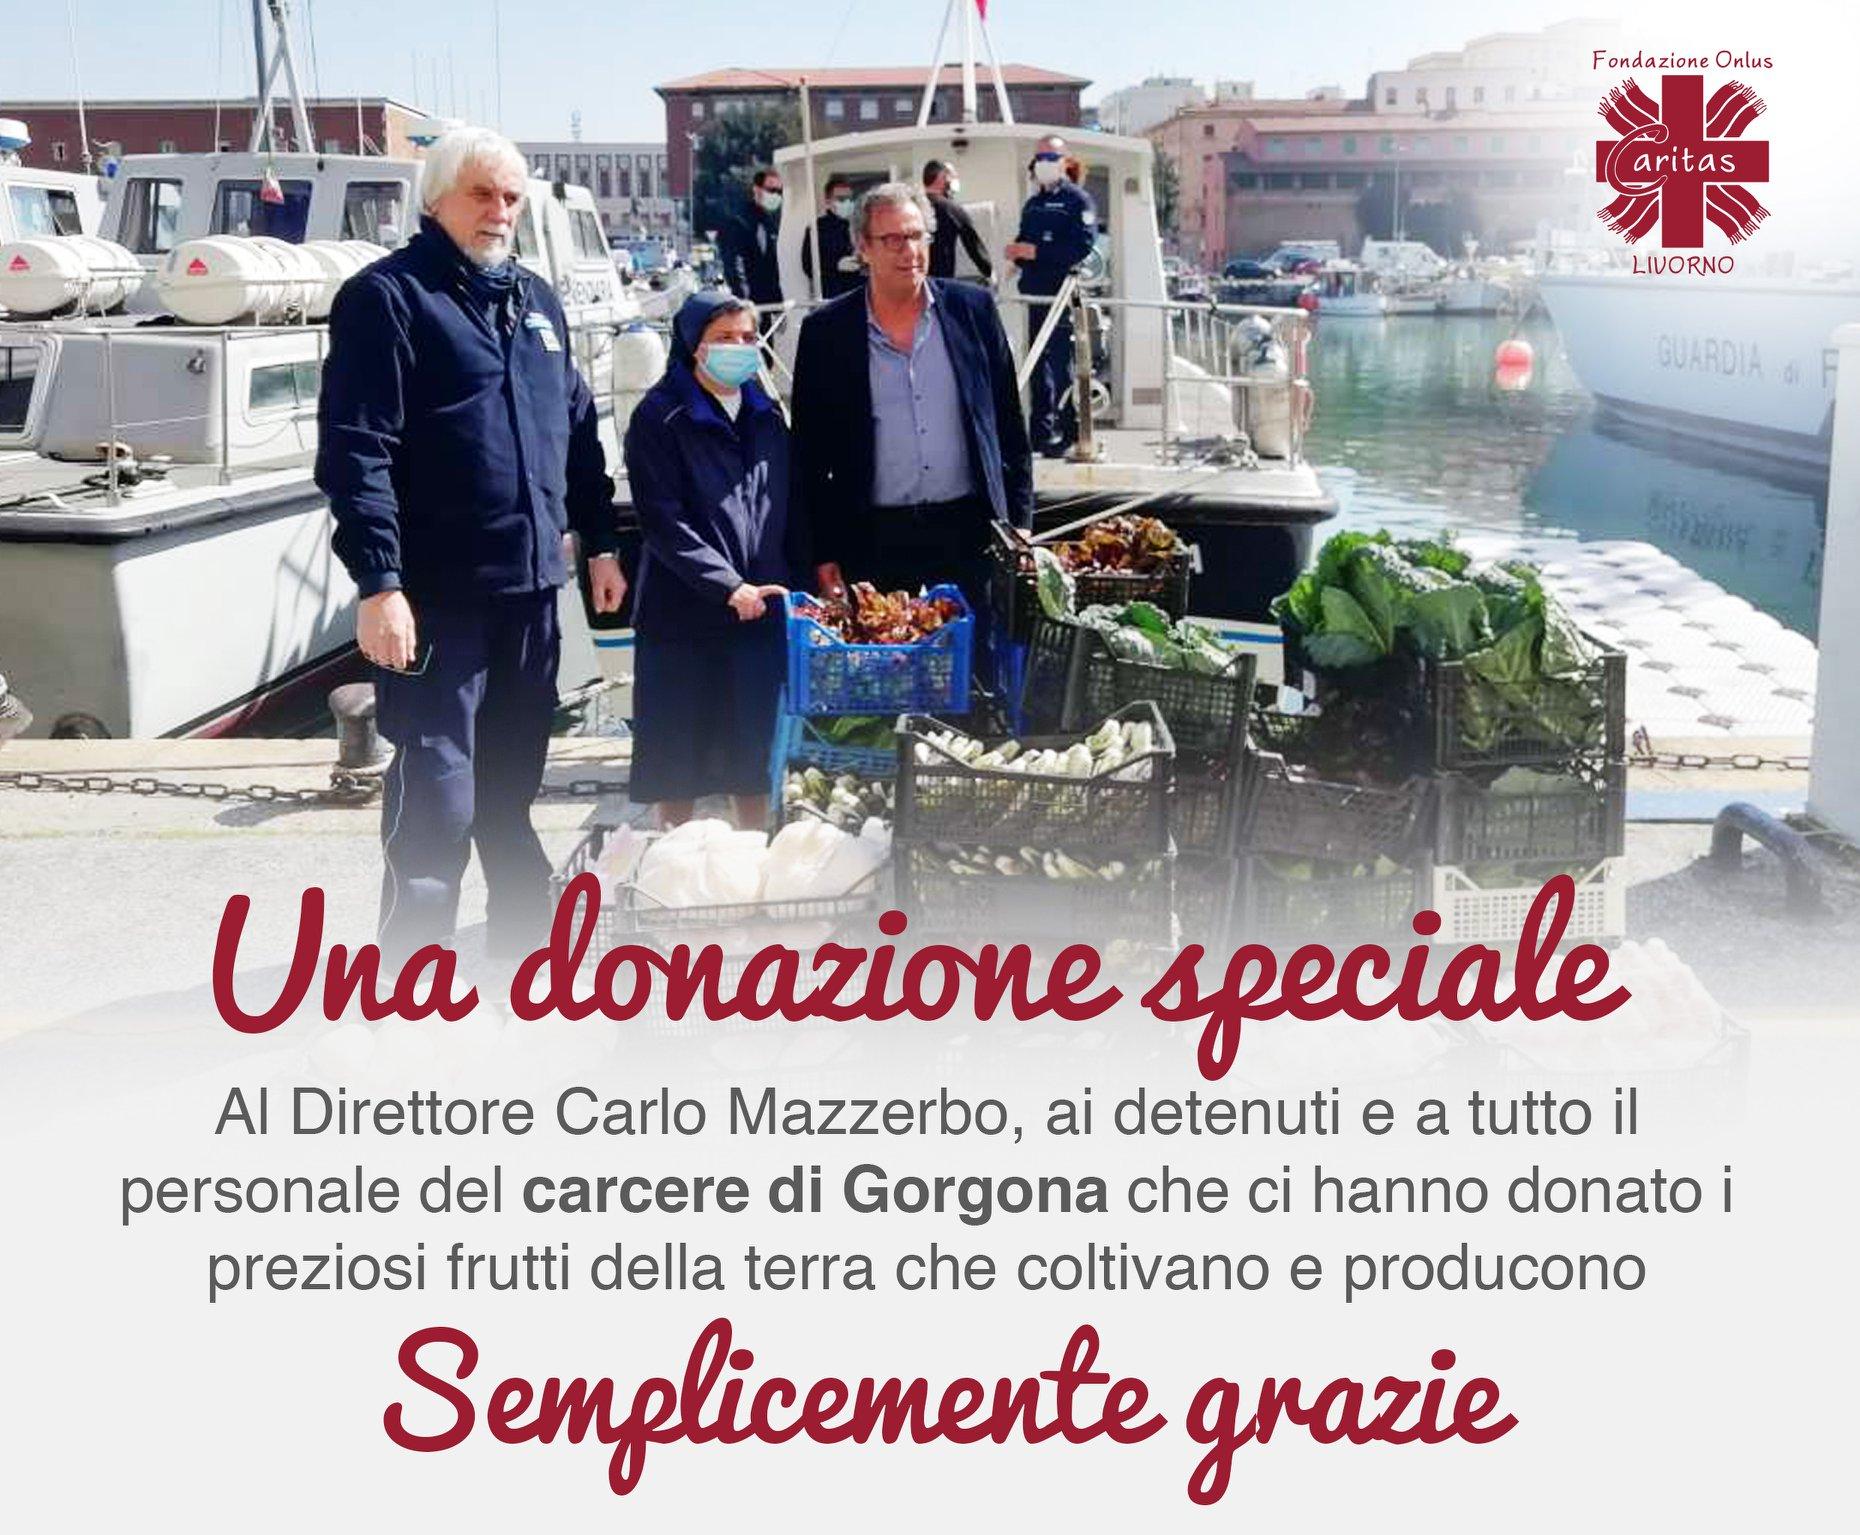 Una donazione speciale